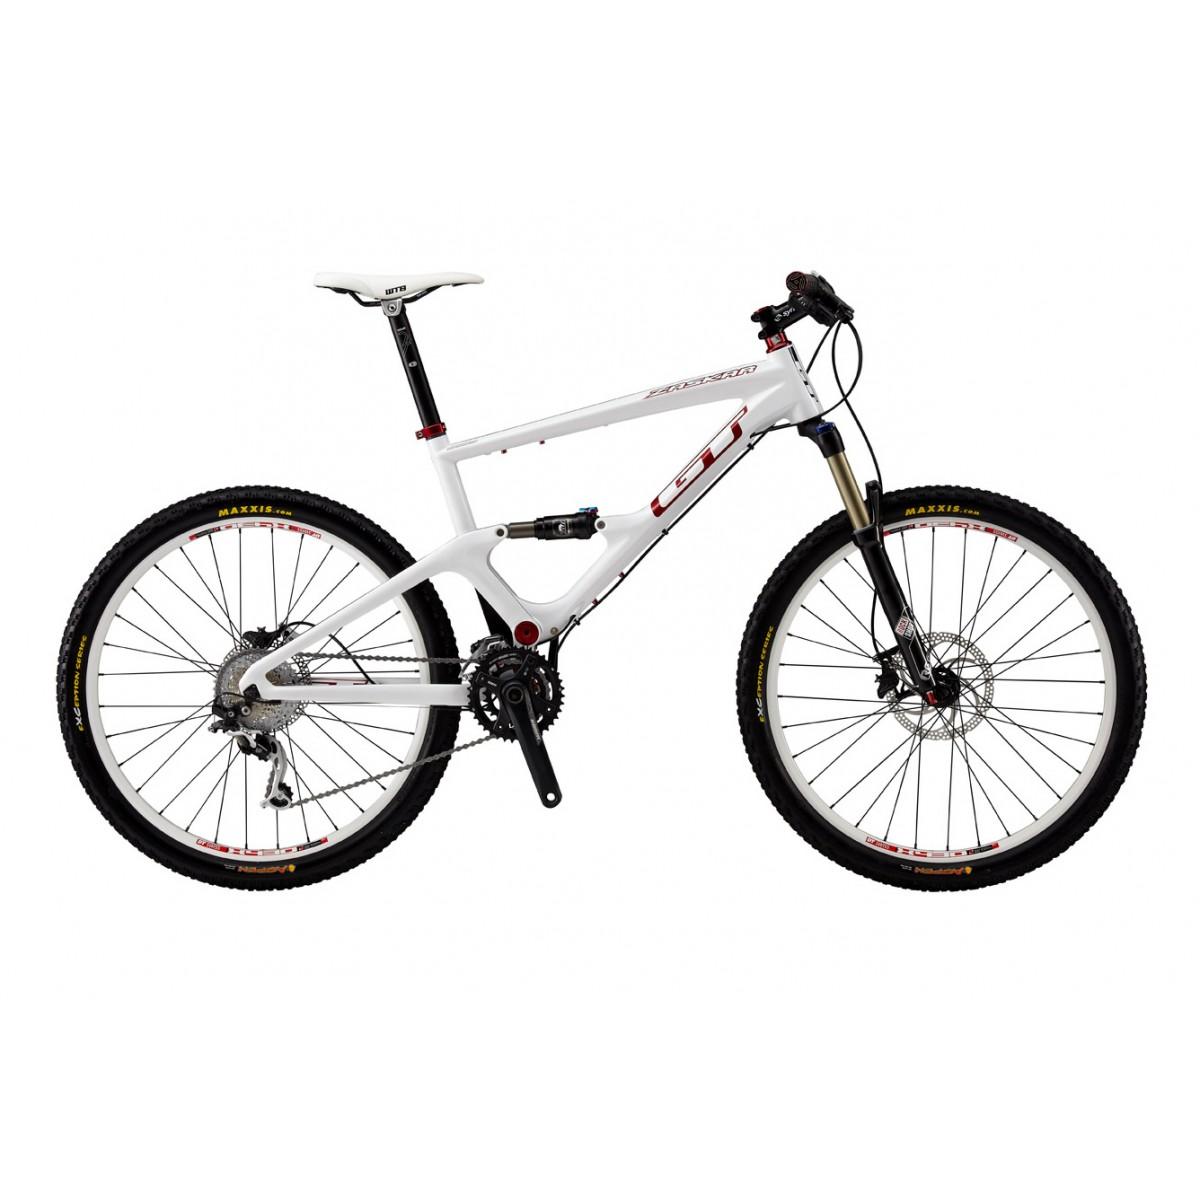 Bicicleta MTB GT ZASKAR CARBON 100 EXP  tam.L cor WHT